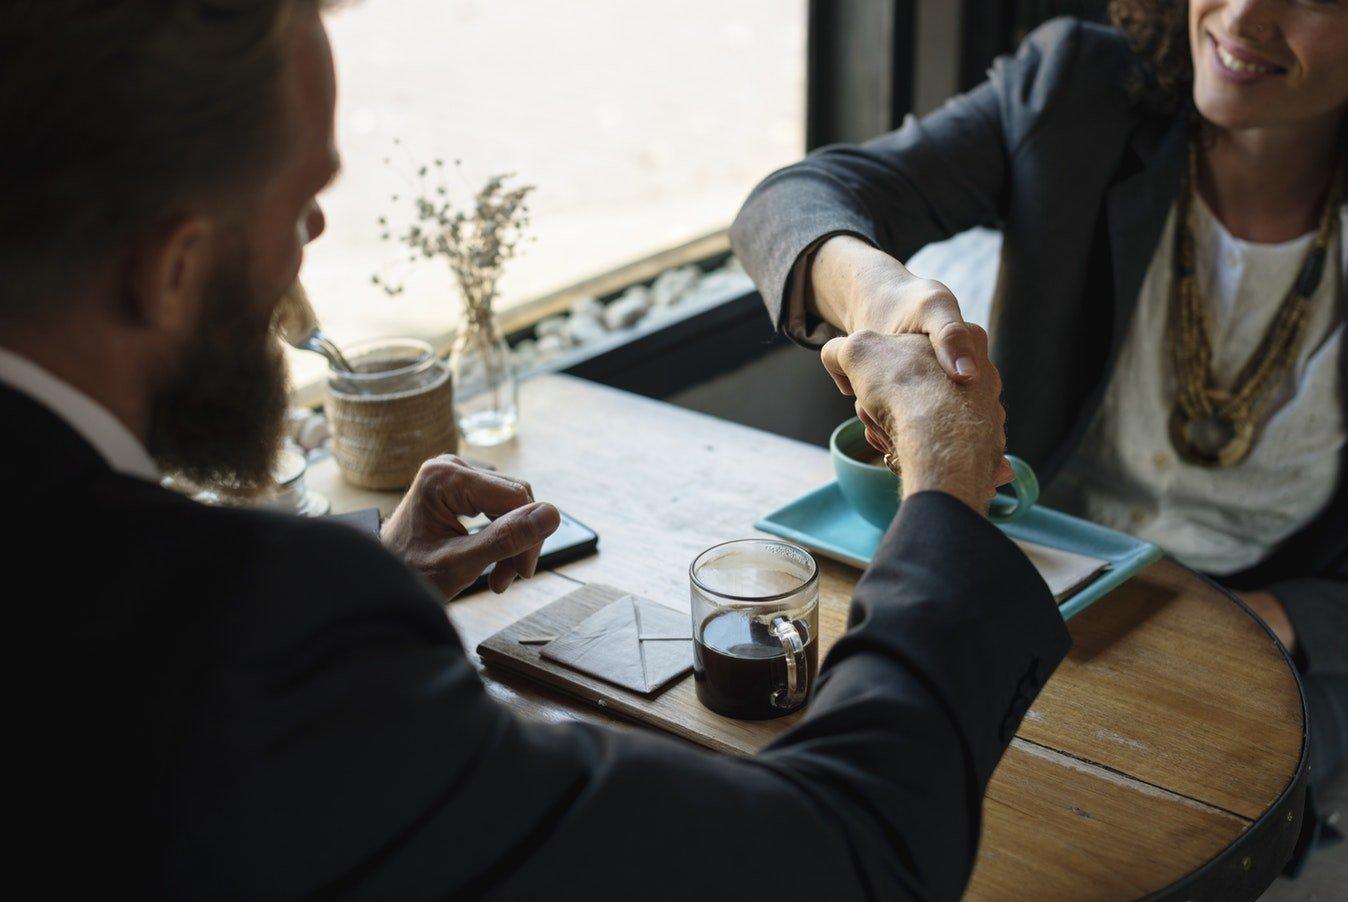 Le domande da fare per selezionare un venditore di successo whappy